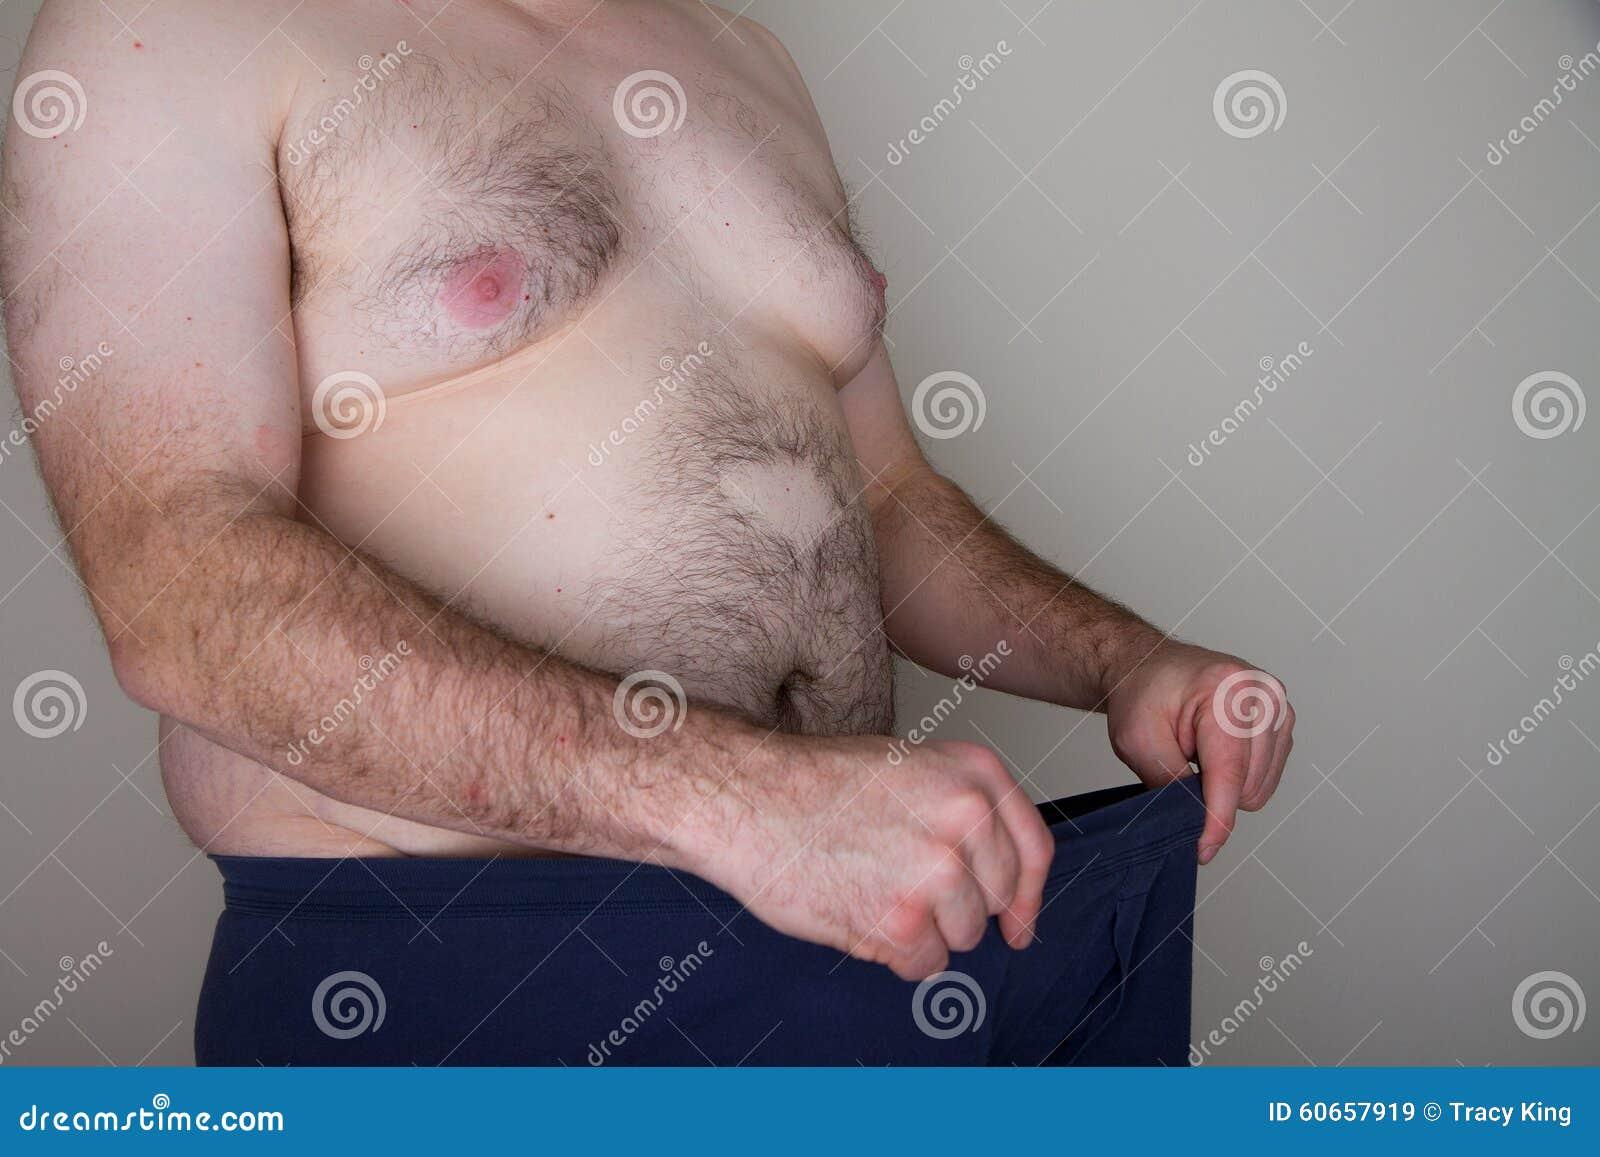 pene da uomini grassi la dimensione del pene non ha importanza